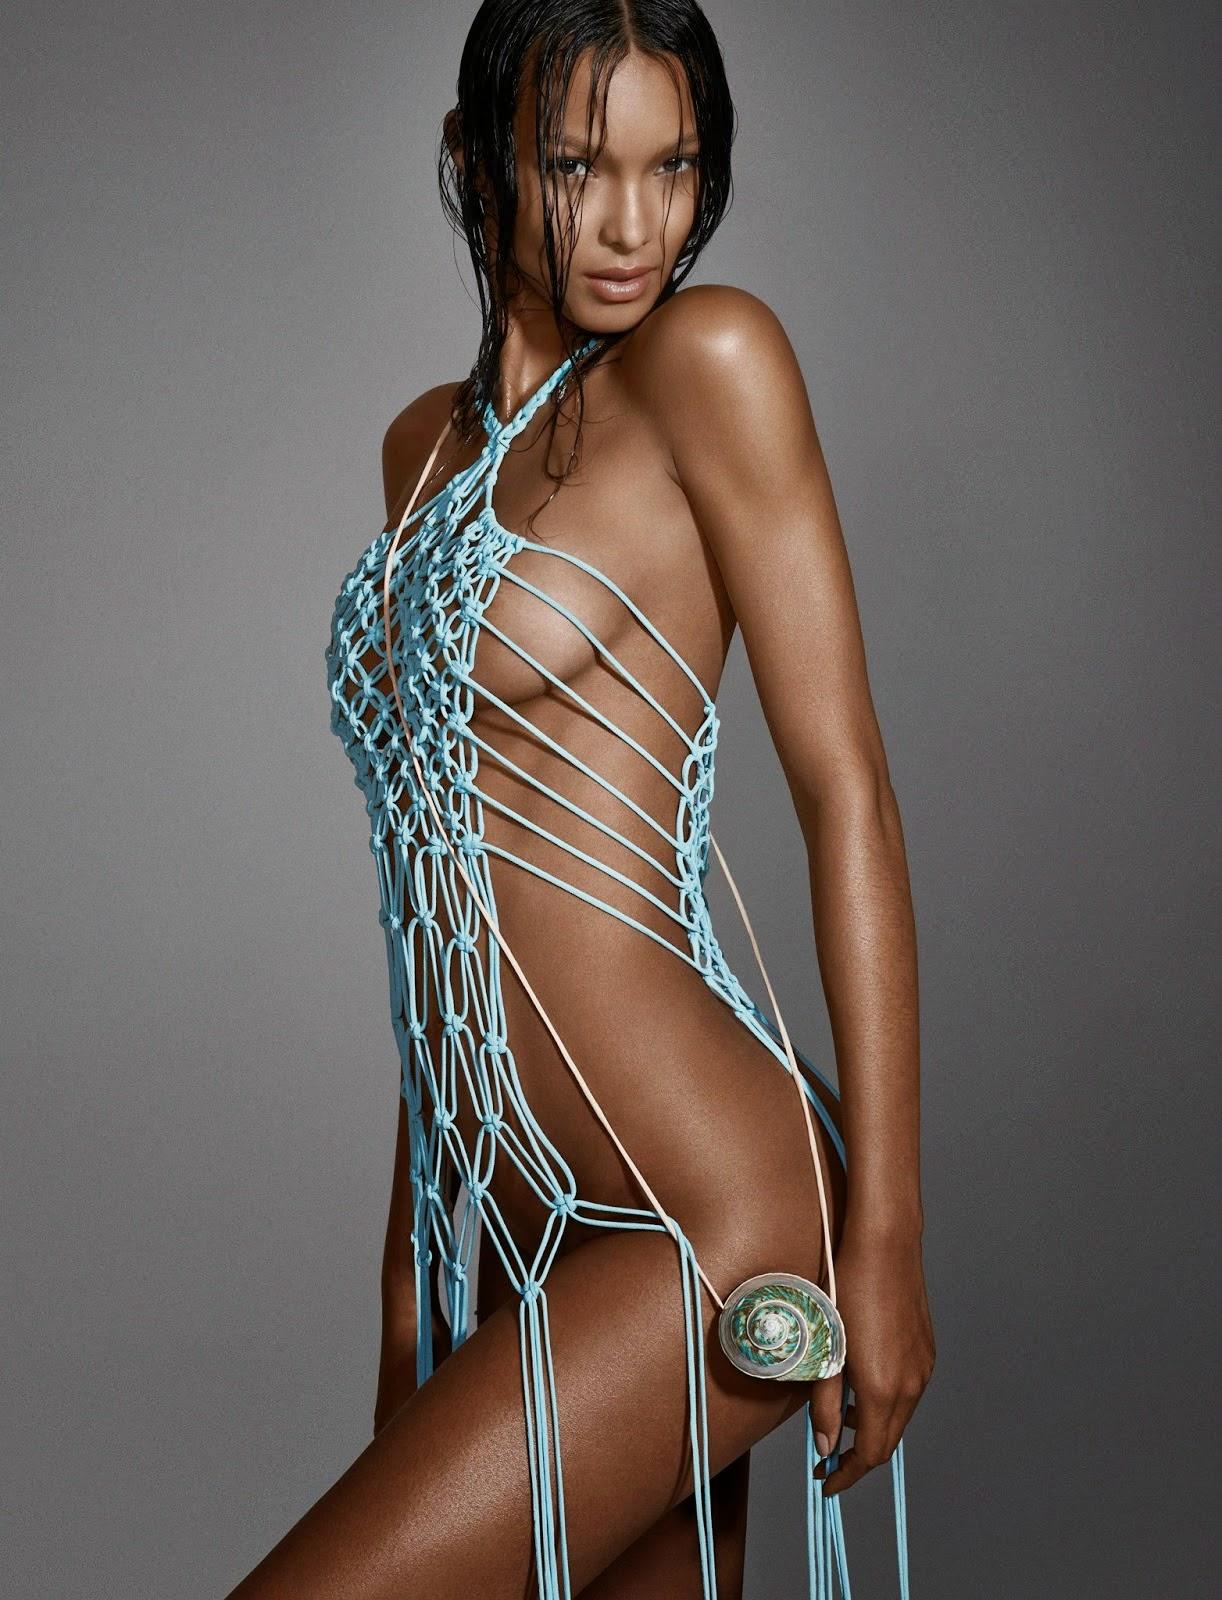 Models Of Color: Vogue Brazil January 2015: Lais Ribeiro